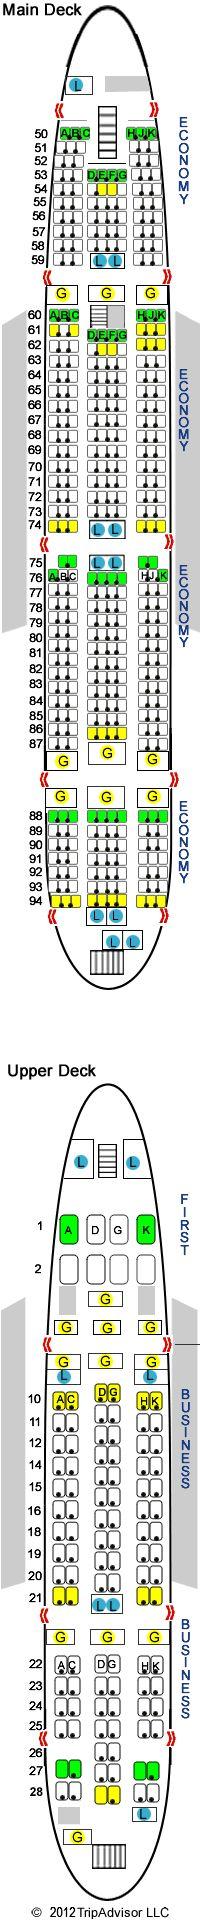 Lufthansa A380 By Seat guru